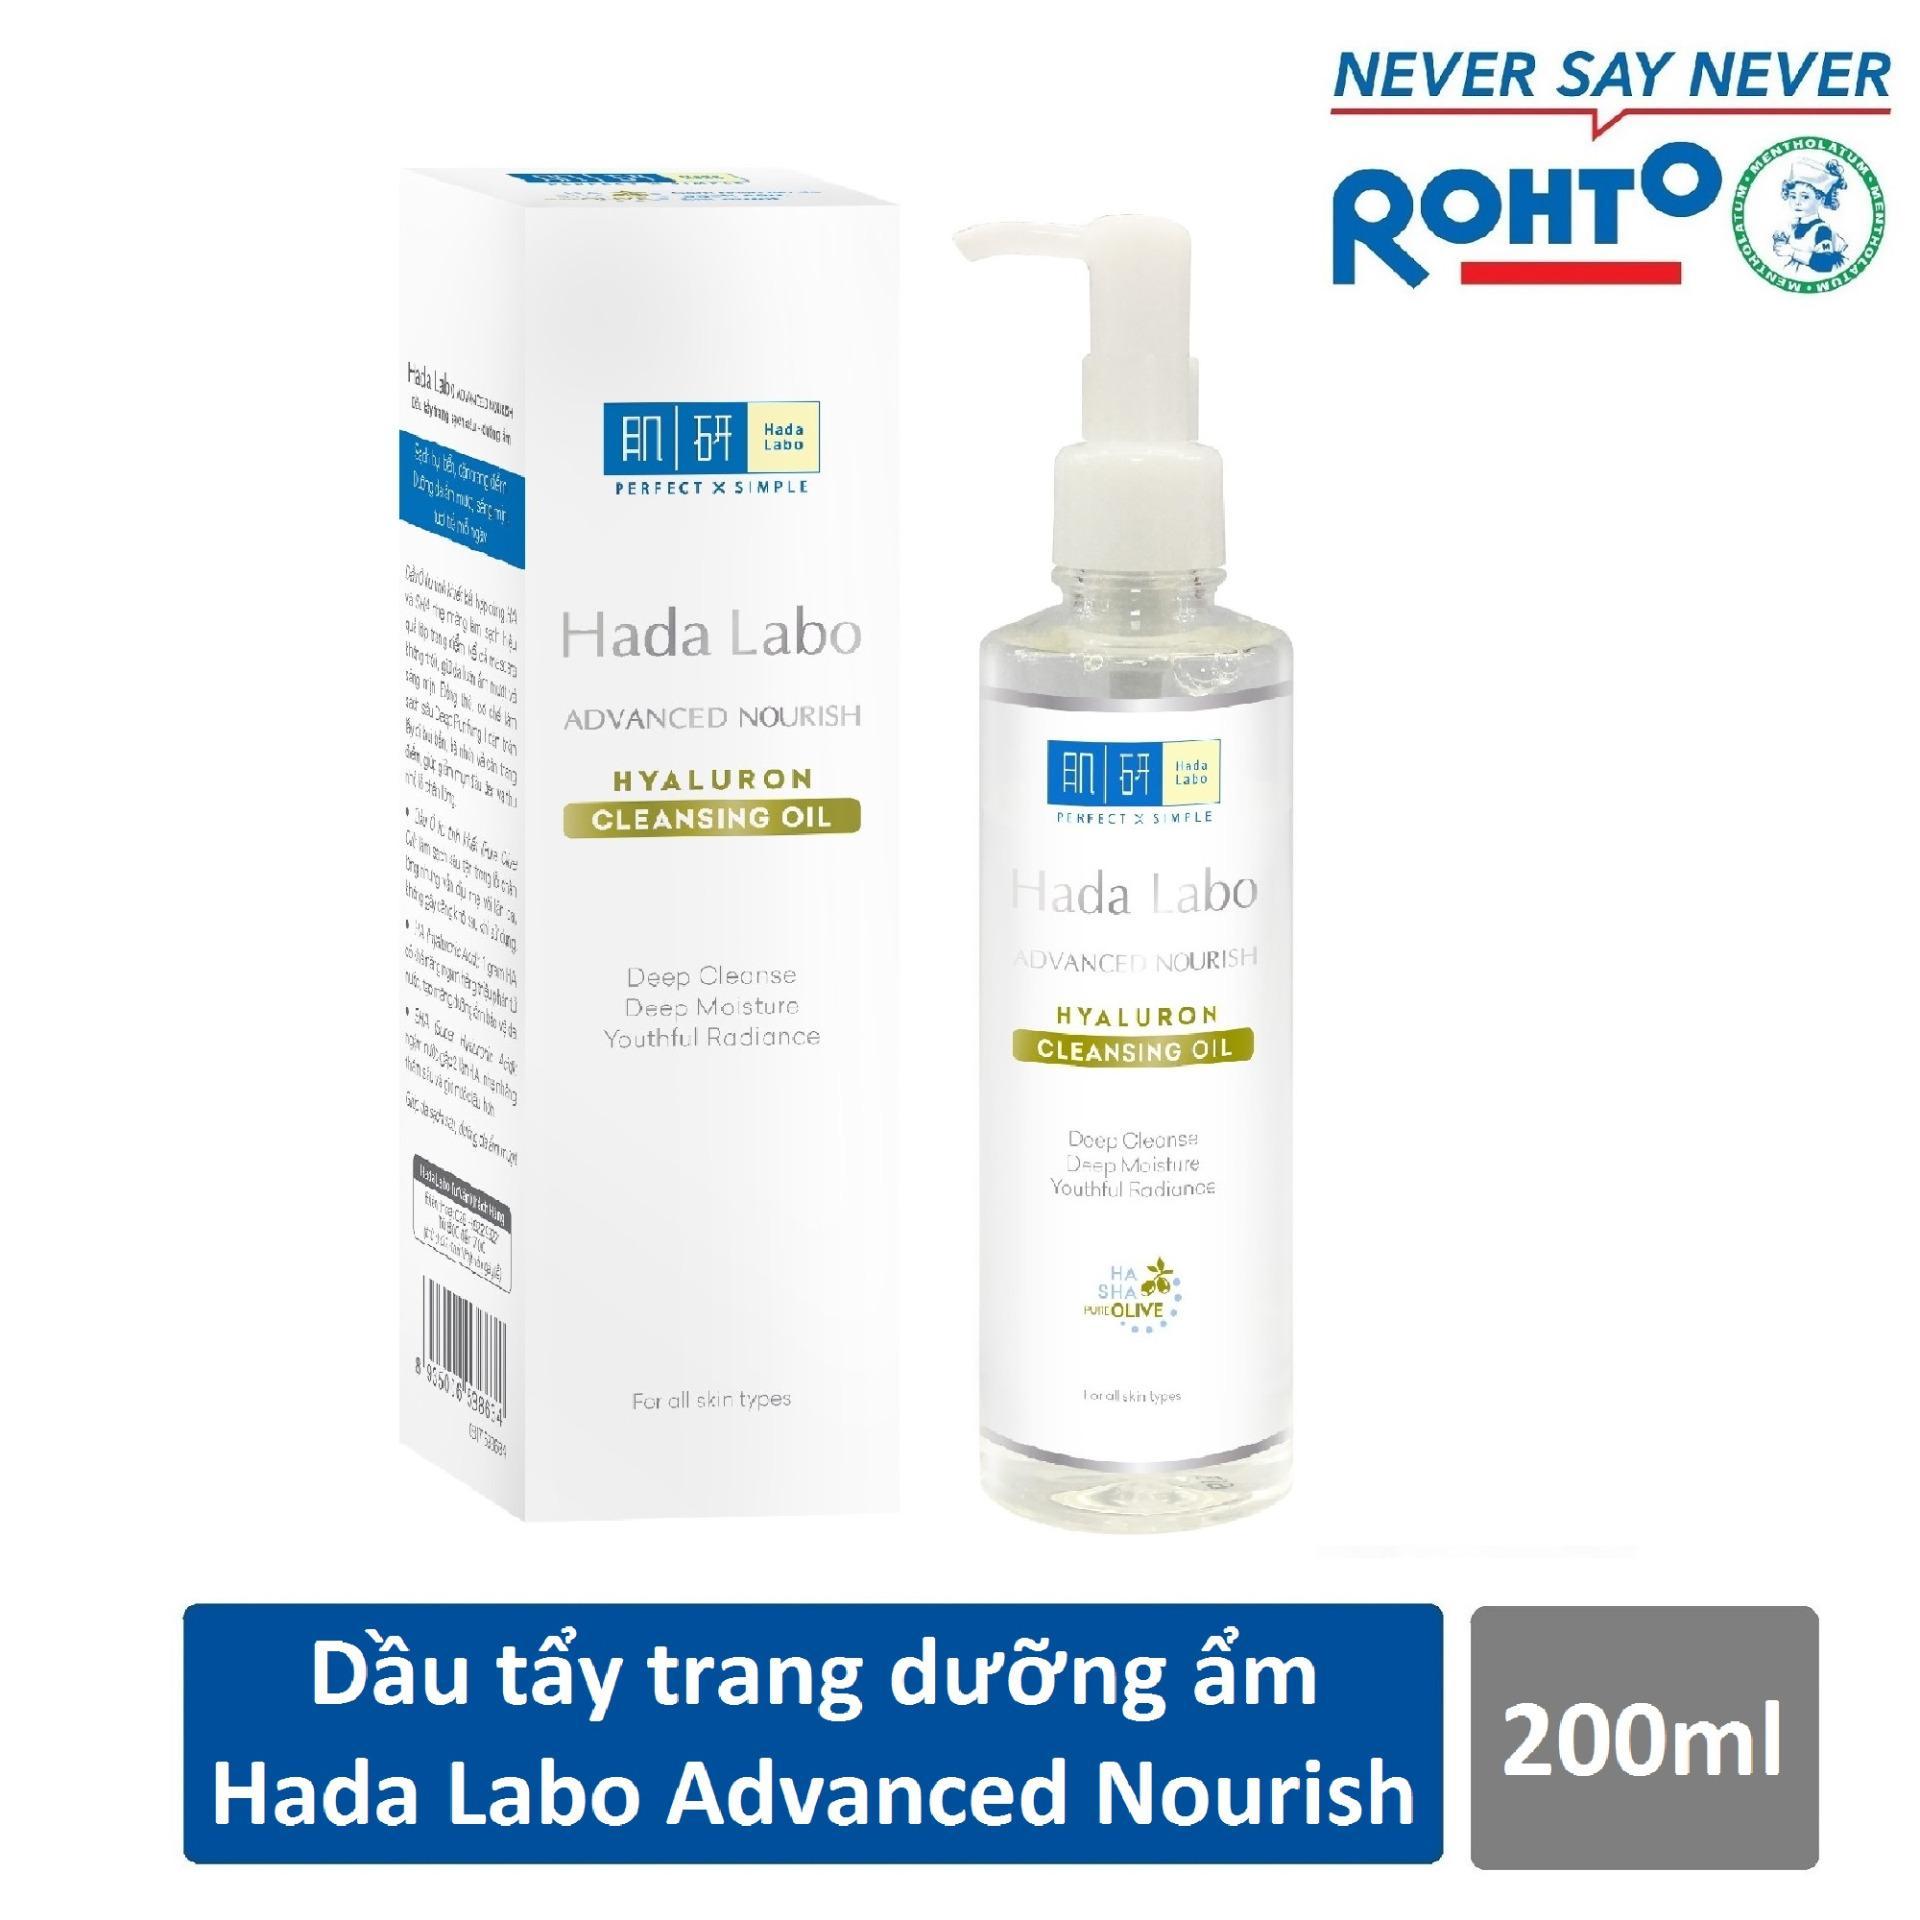 Giá Bán Dầu Tẩy Trang Hada Labo Advanced Nourish Hyaluron Cleansing Oil 200Ml Mới Nhất